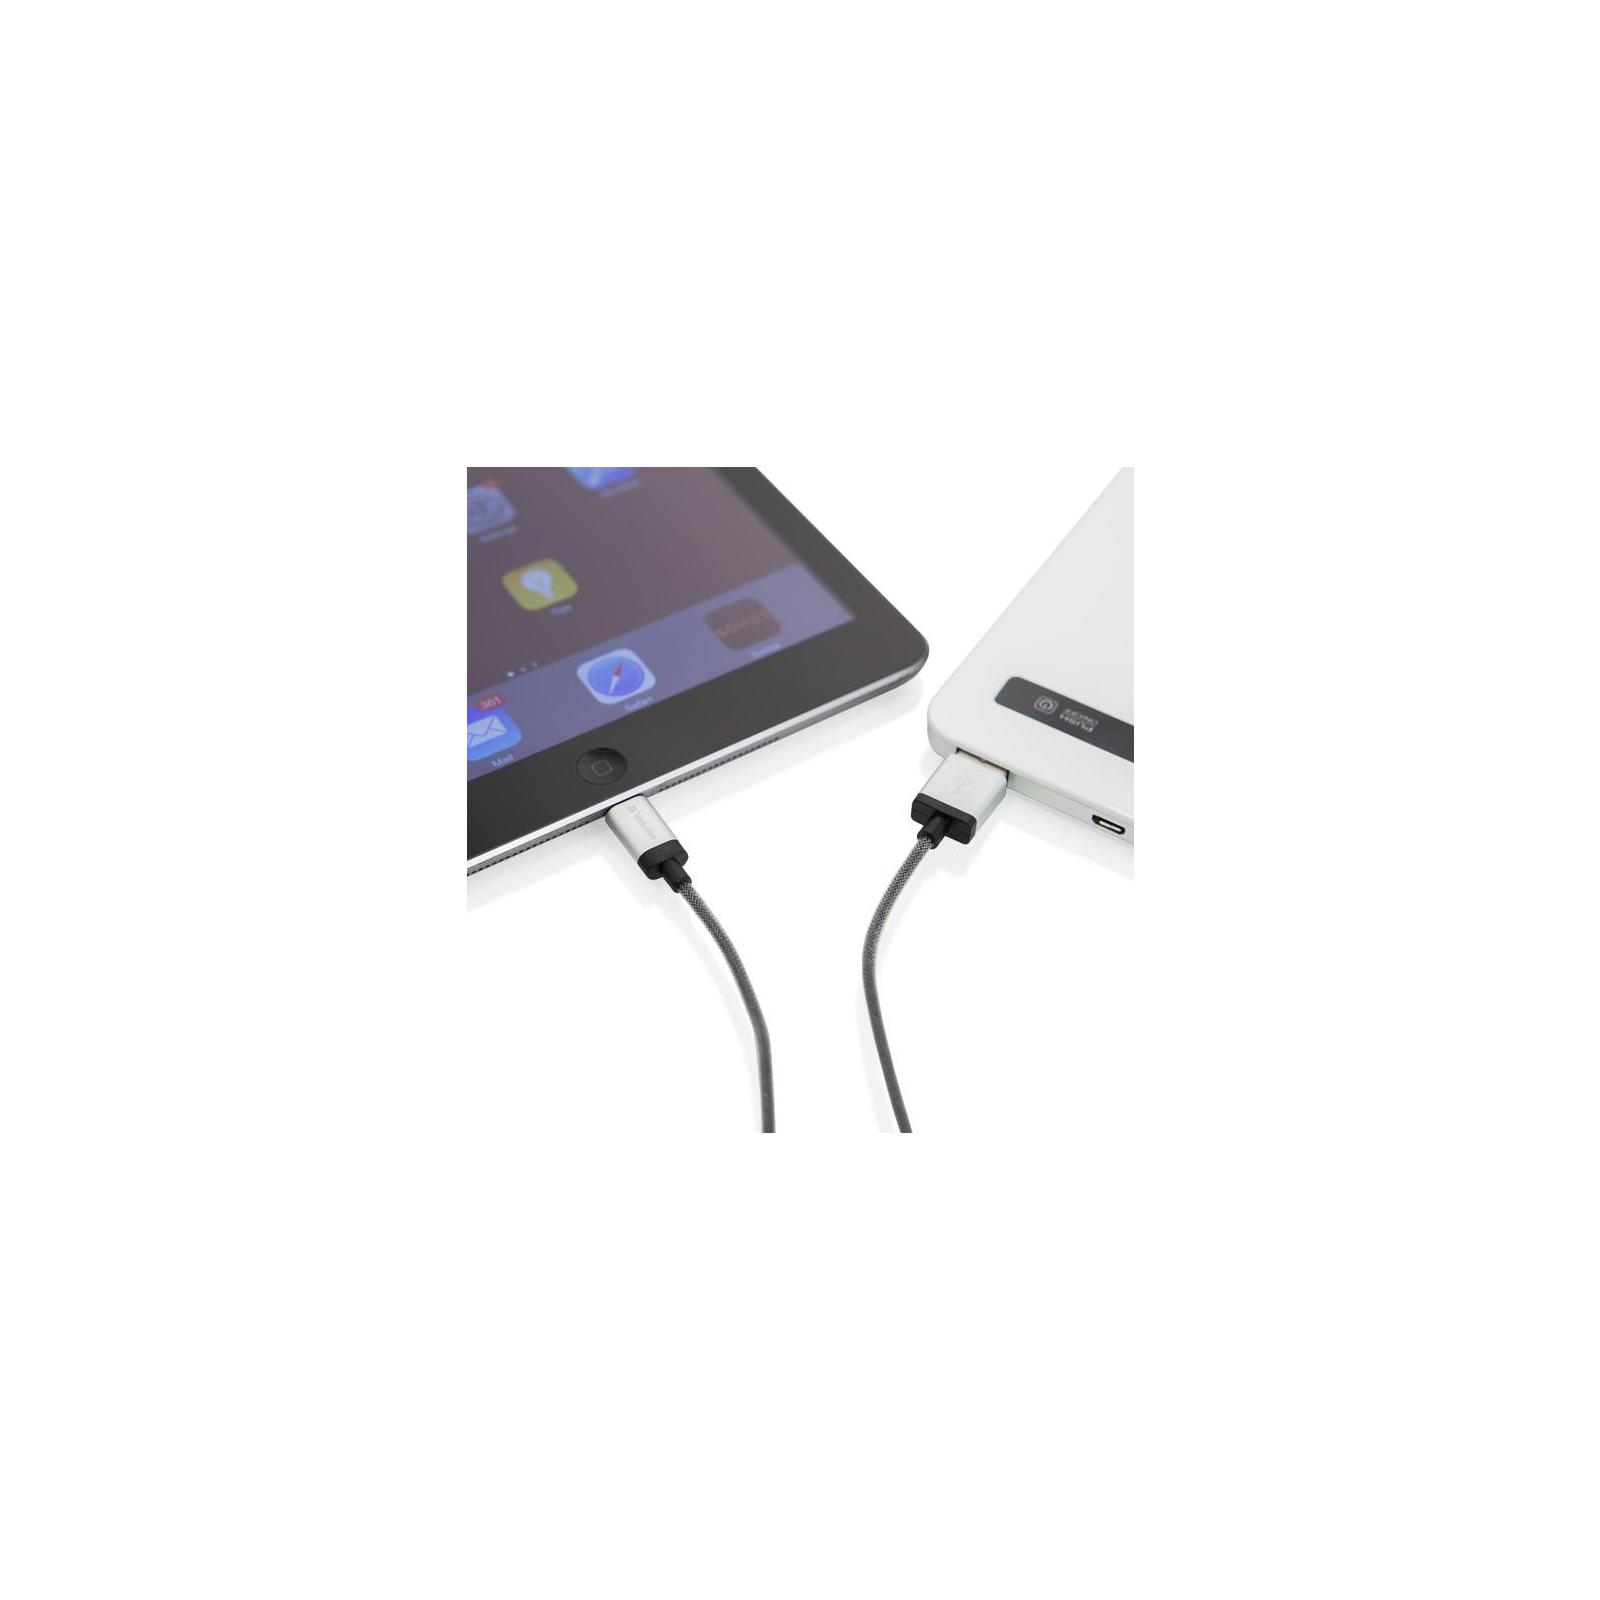 Дата кабель USB 2.0 AM to Lightning 0.3m silver Verbatim (48854) изображение 4